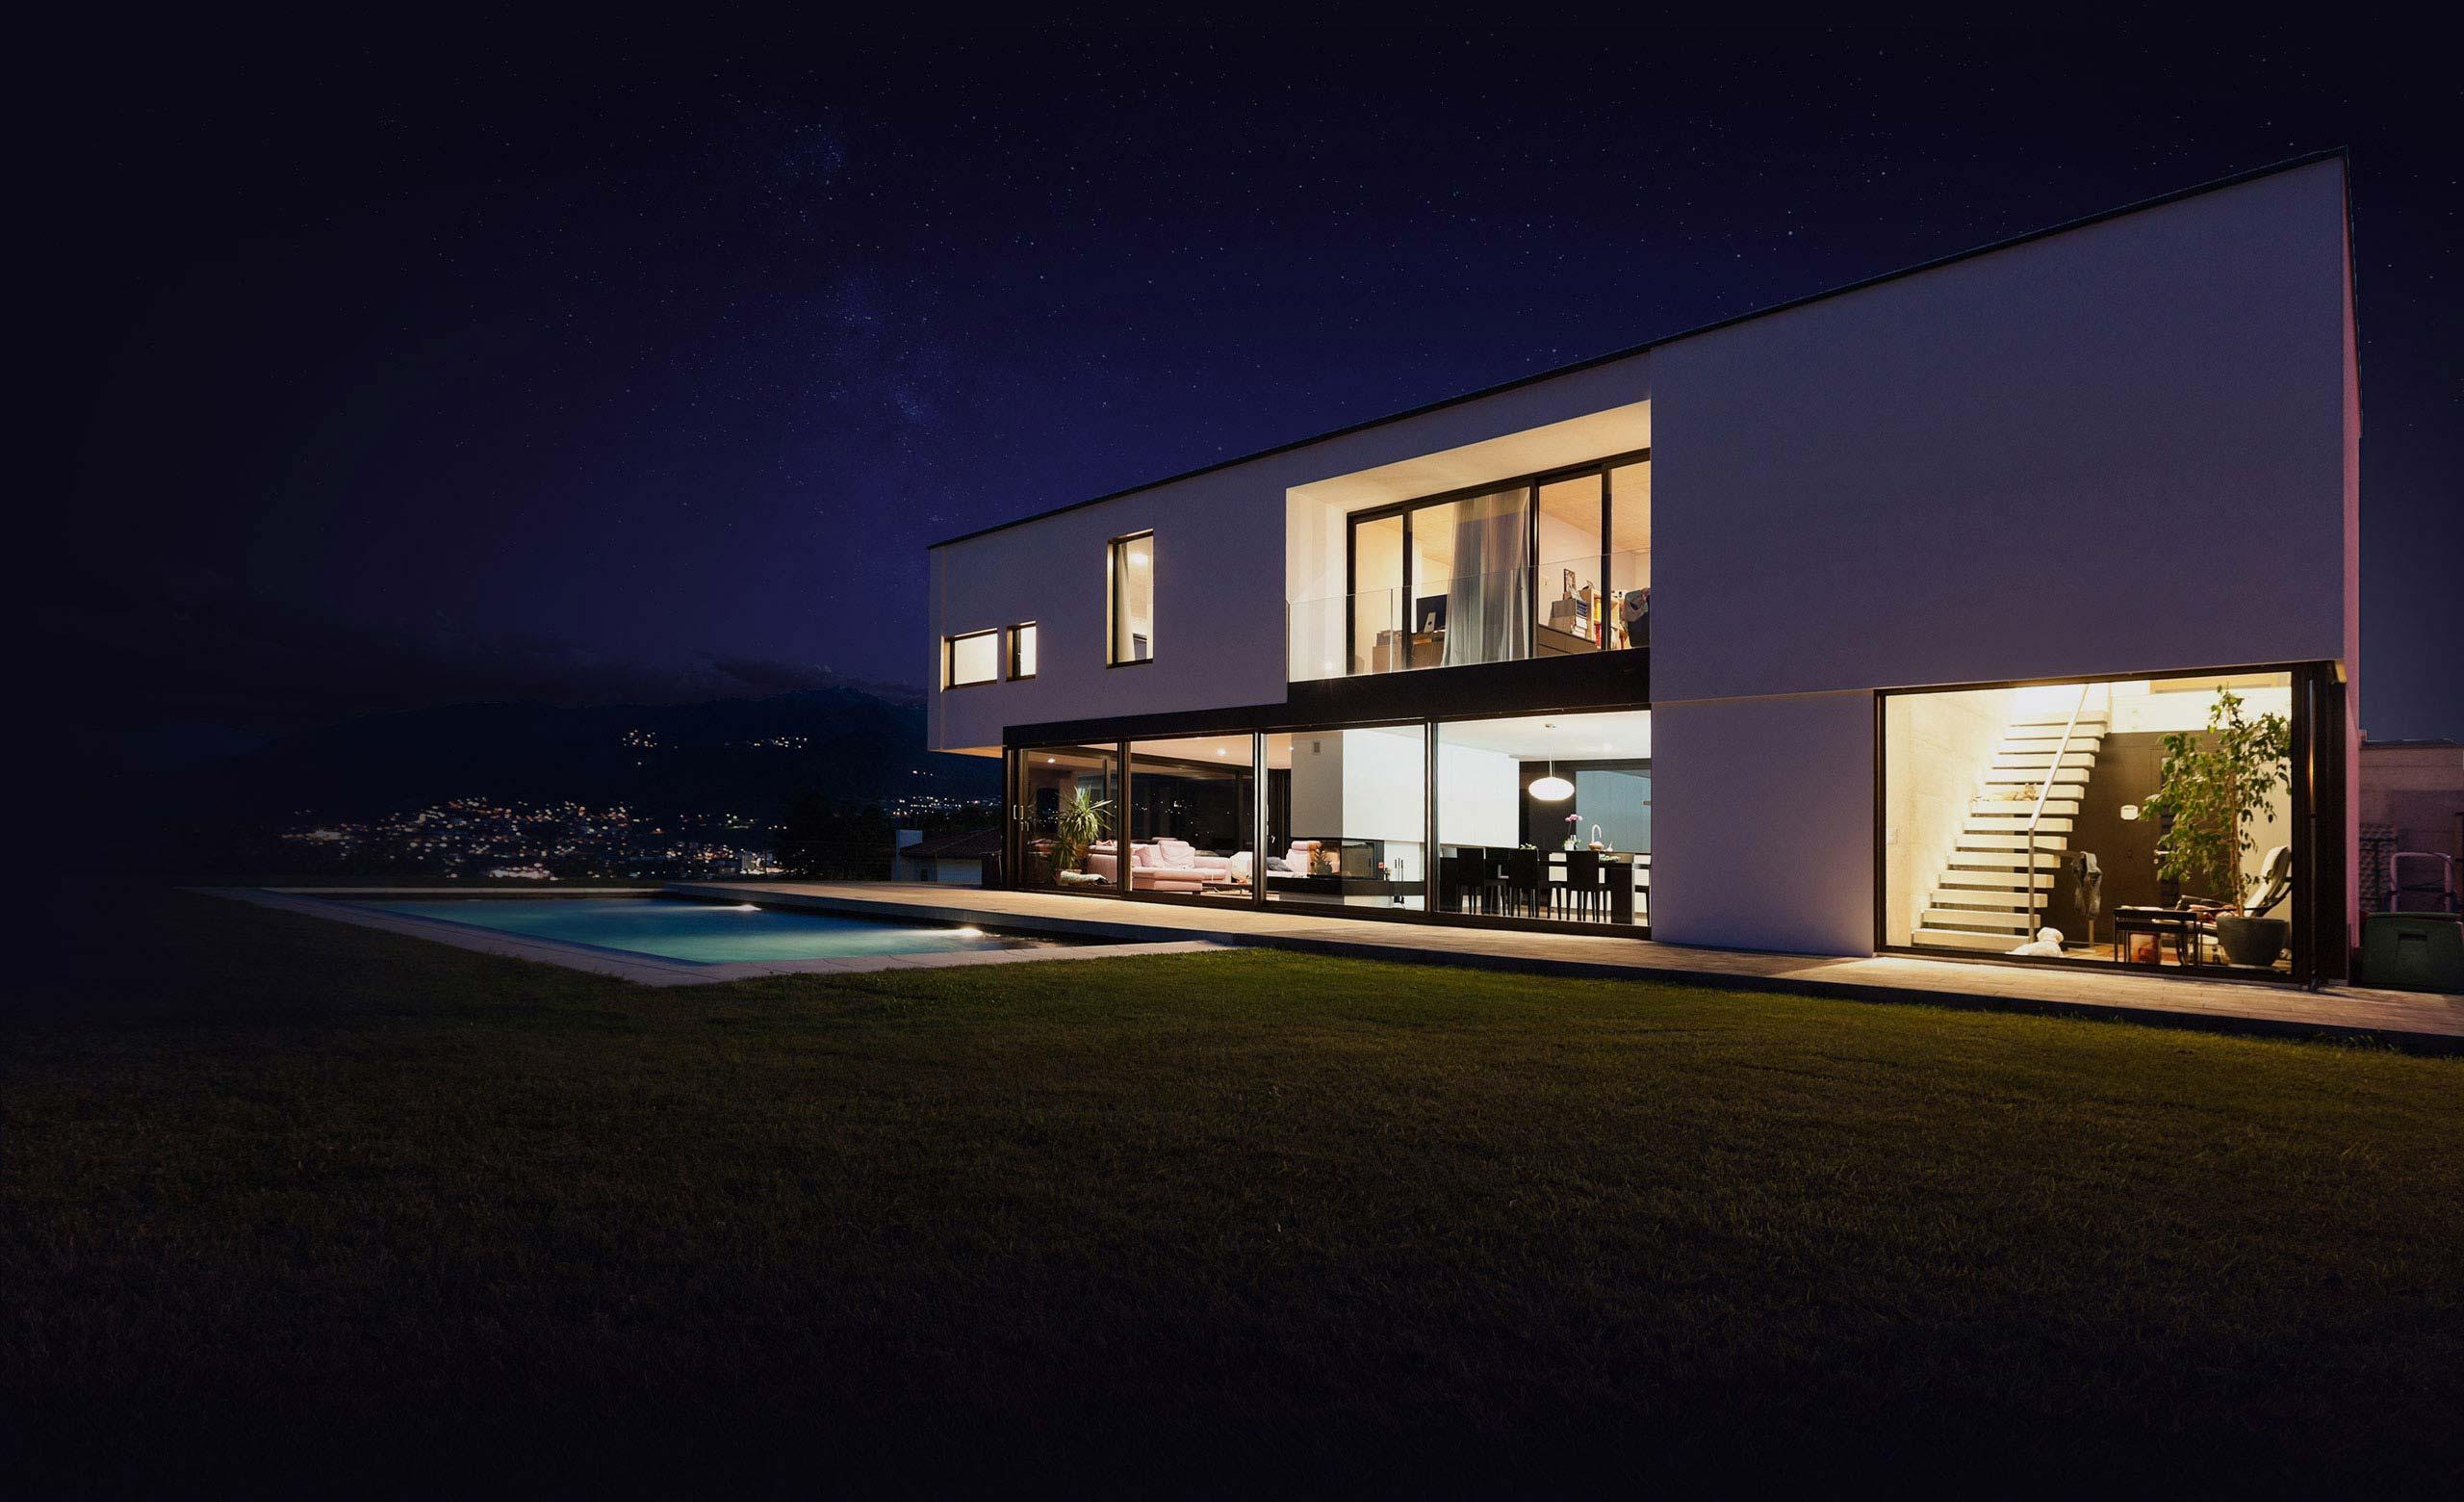 Inteligentne oświetlenie smart home